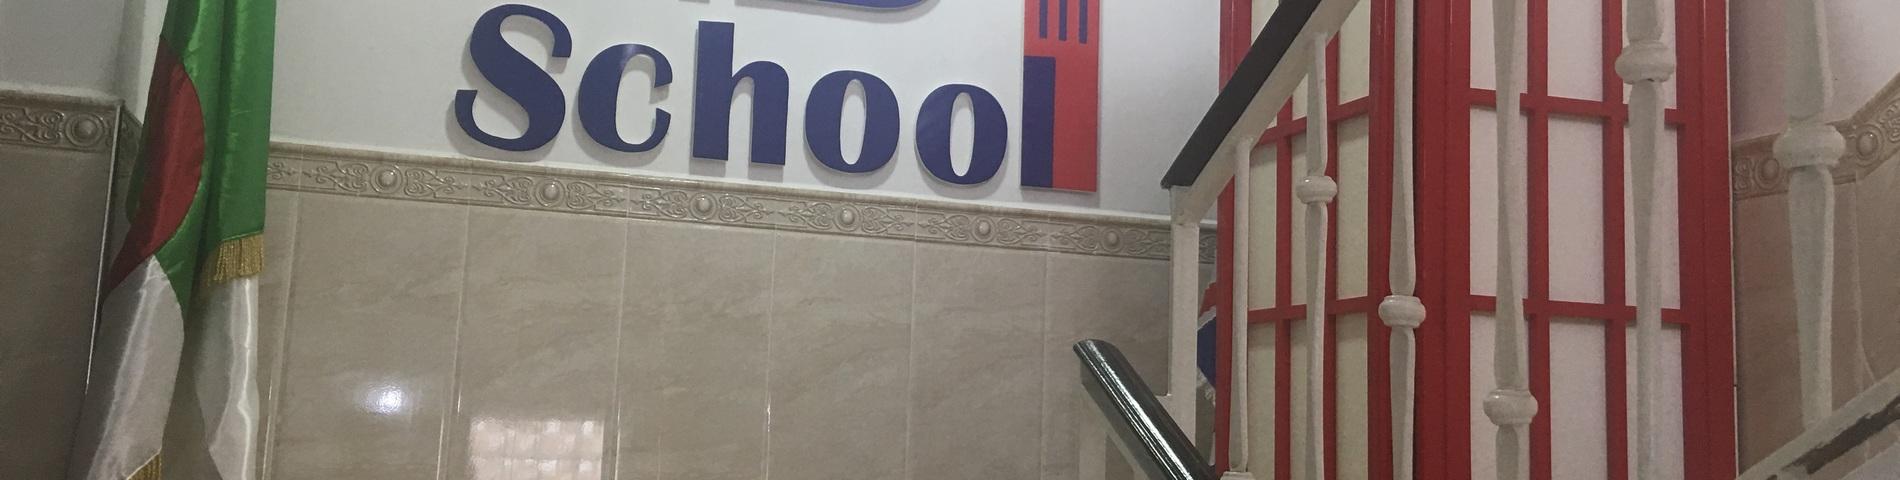 ABI School bilde 1